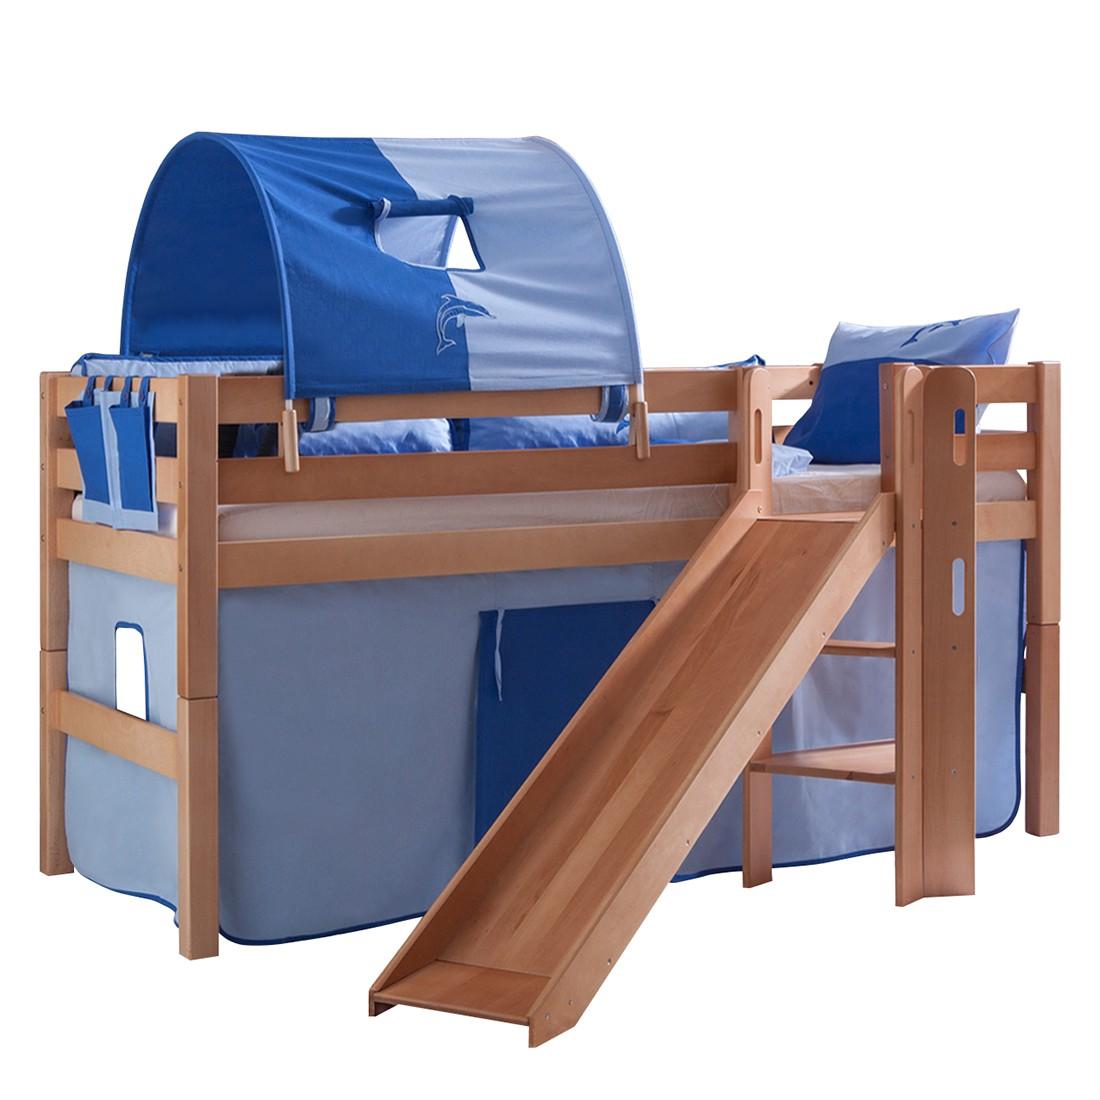 Spielbett Eliyas - mit Rutsche, Vorhang, Tunnel und Tasche - Buche natur/Textil blau-delfin, Relita